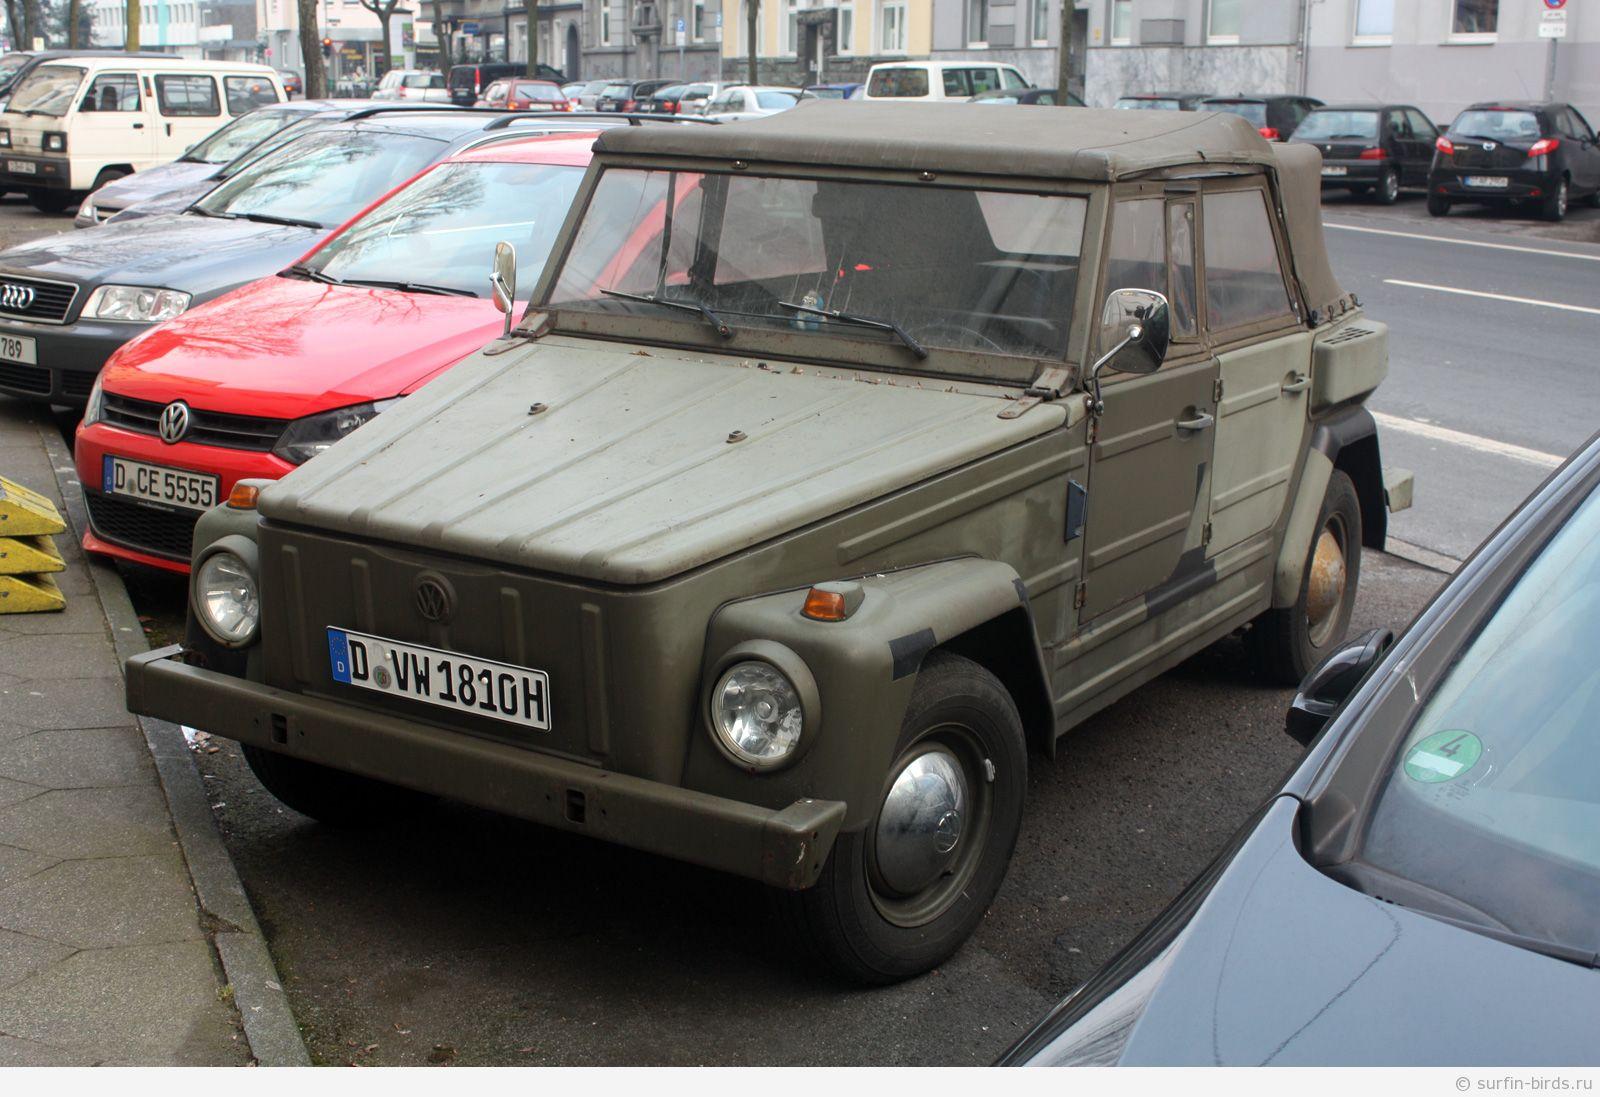 Volkswagen Type 181, Kurierwagen